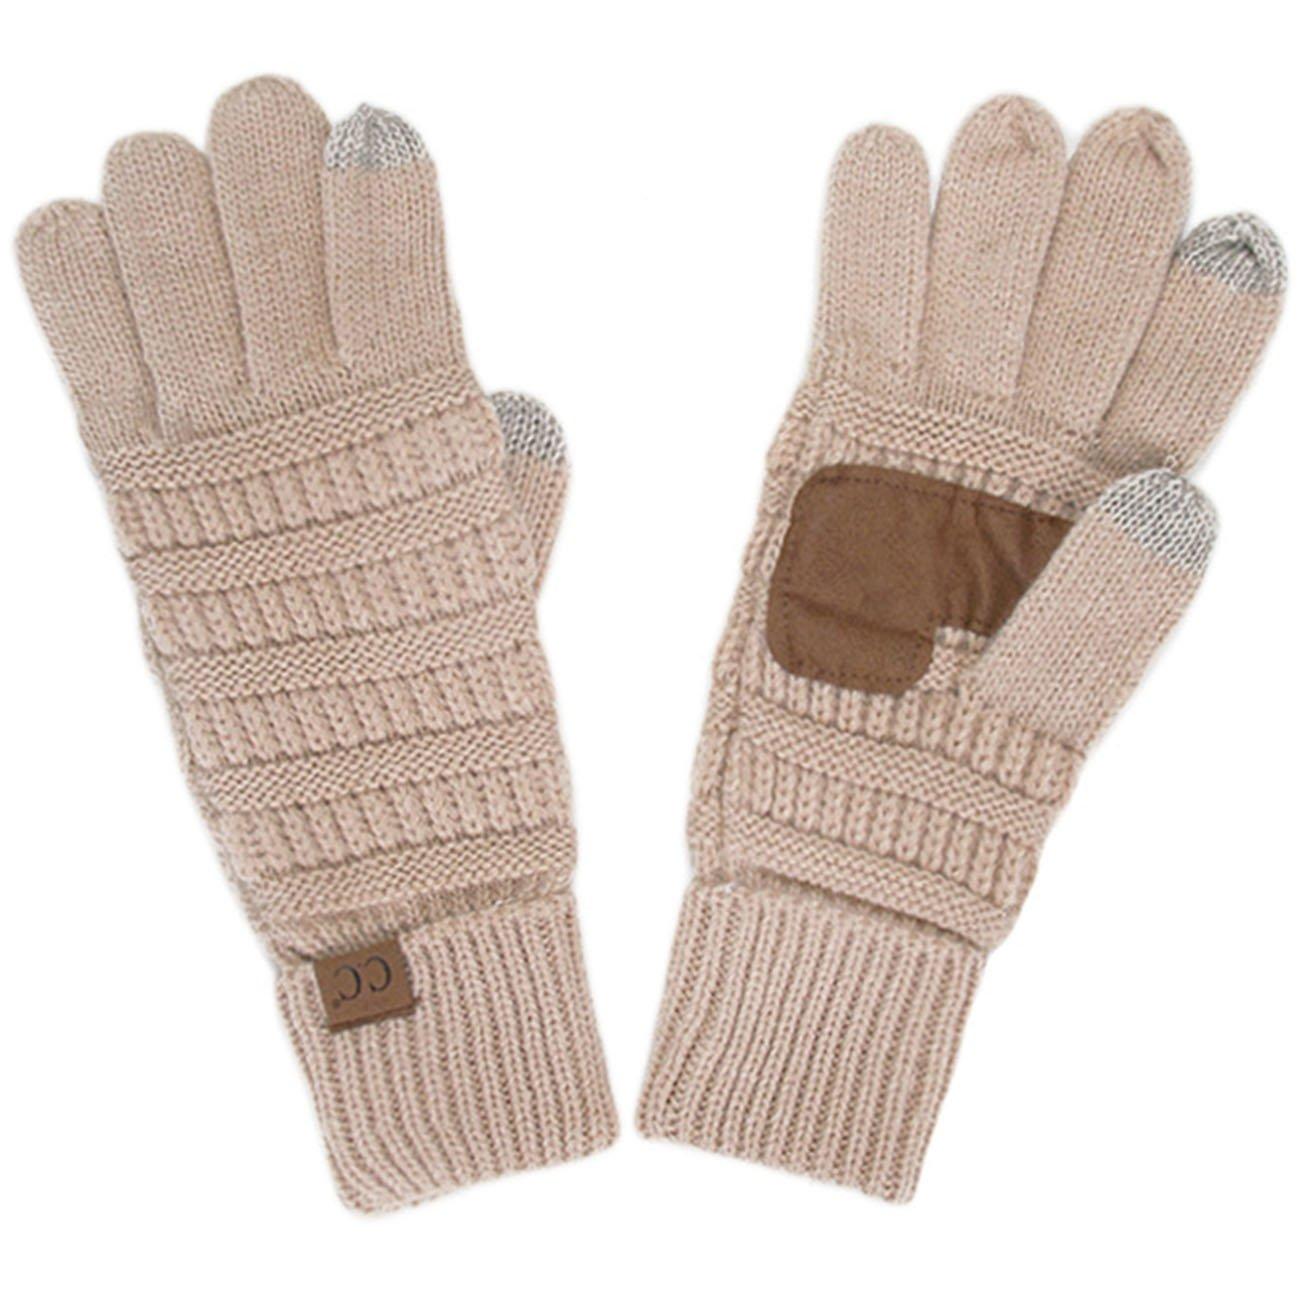 ScarvesMe CC Soft Knitted Solid Color Gloves (Beige)